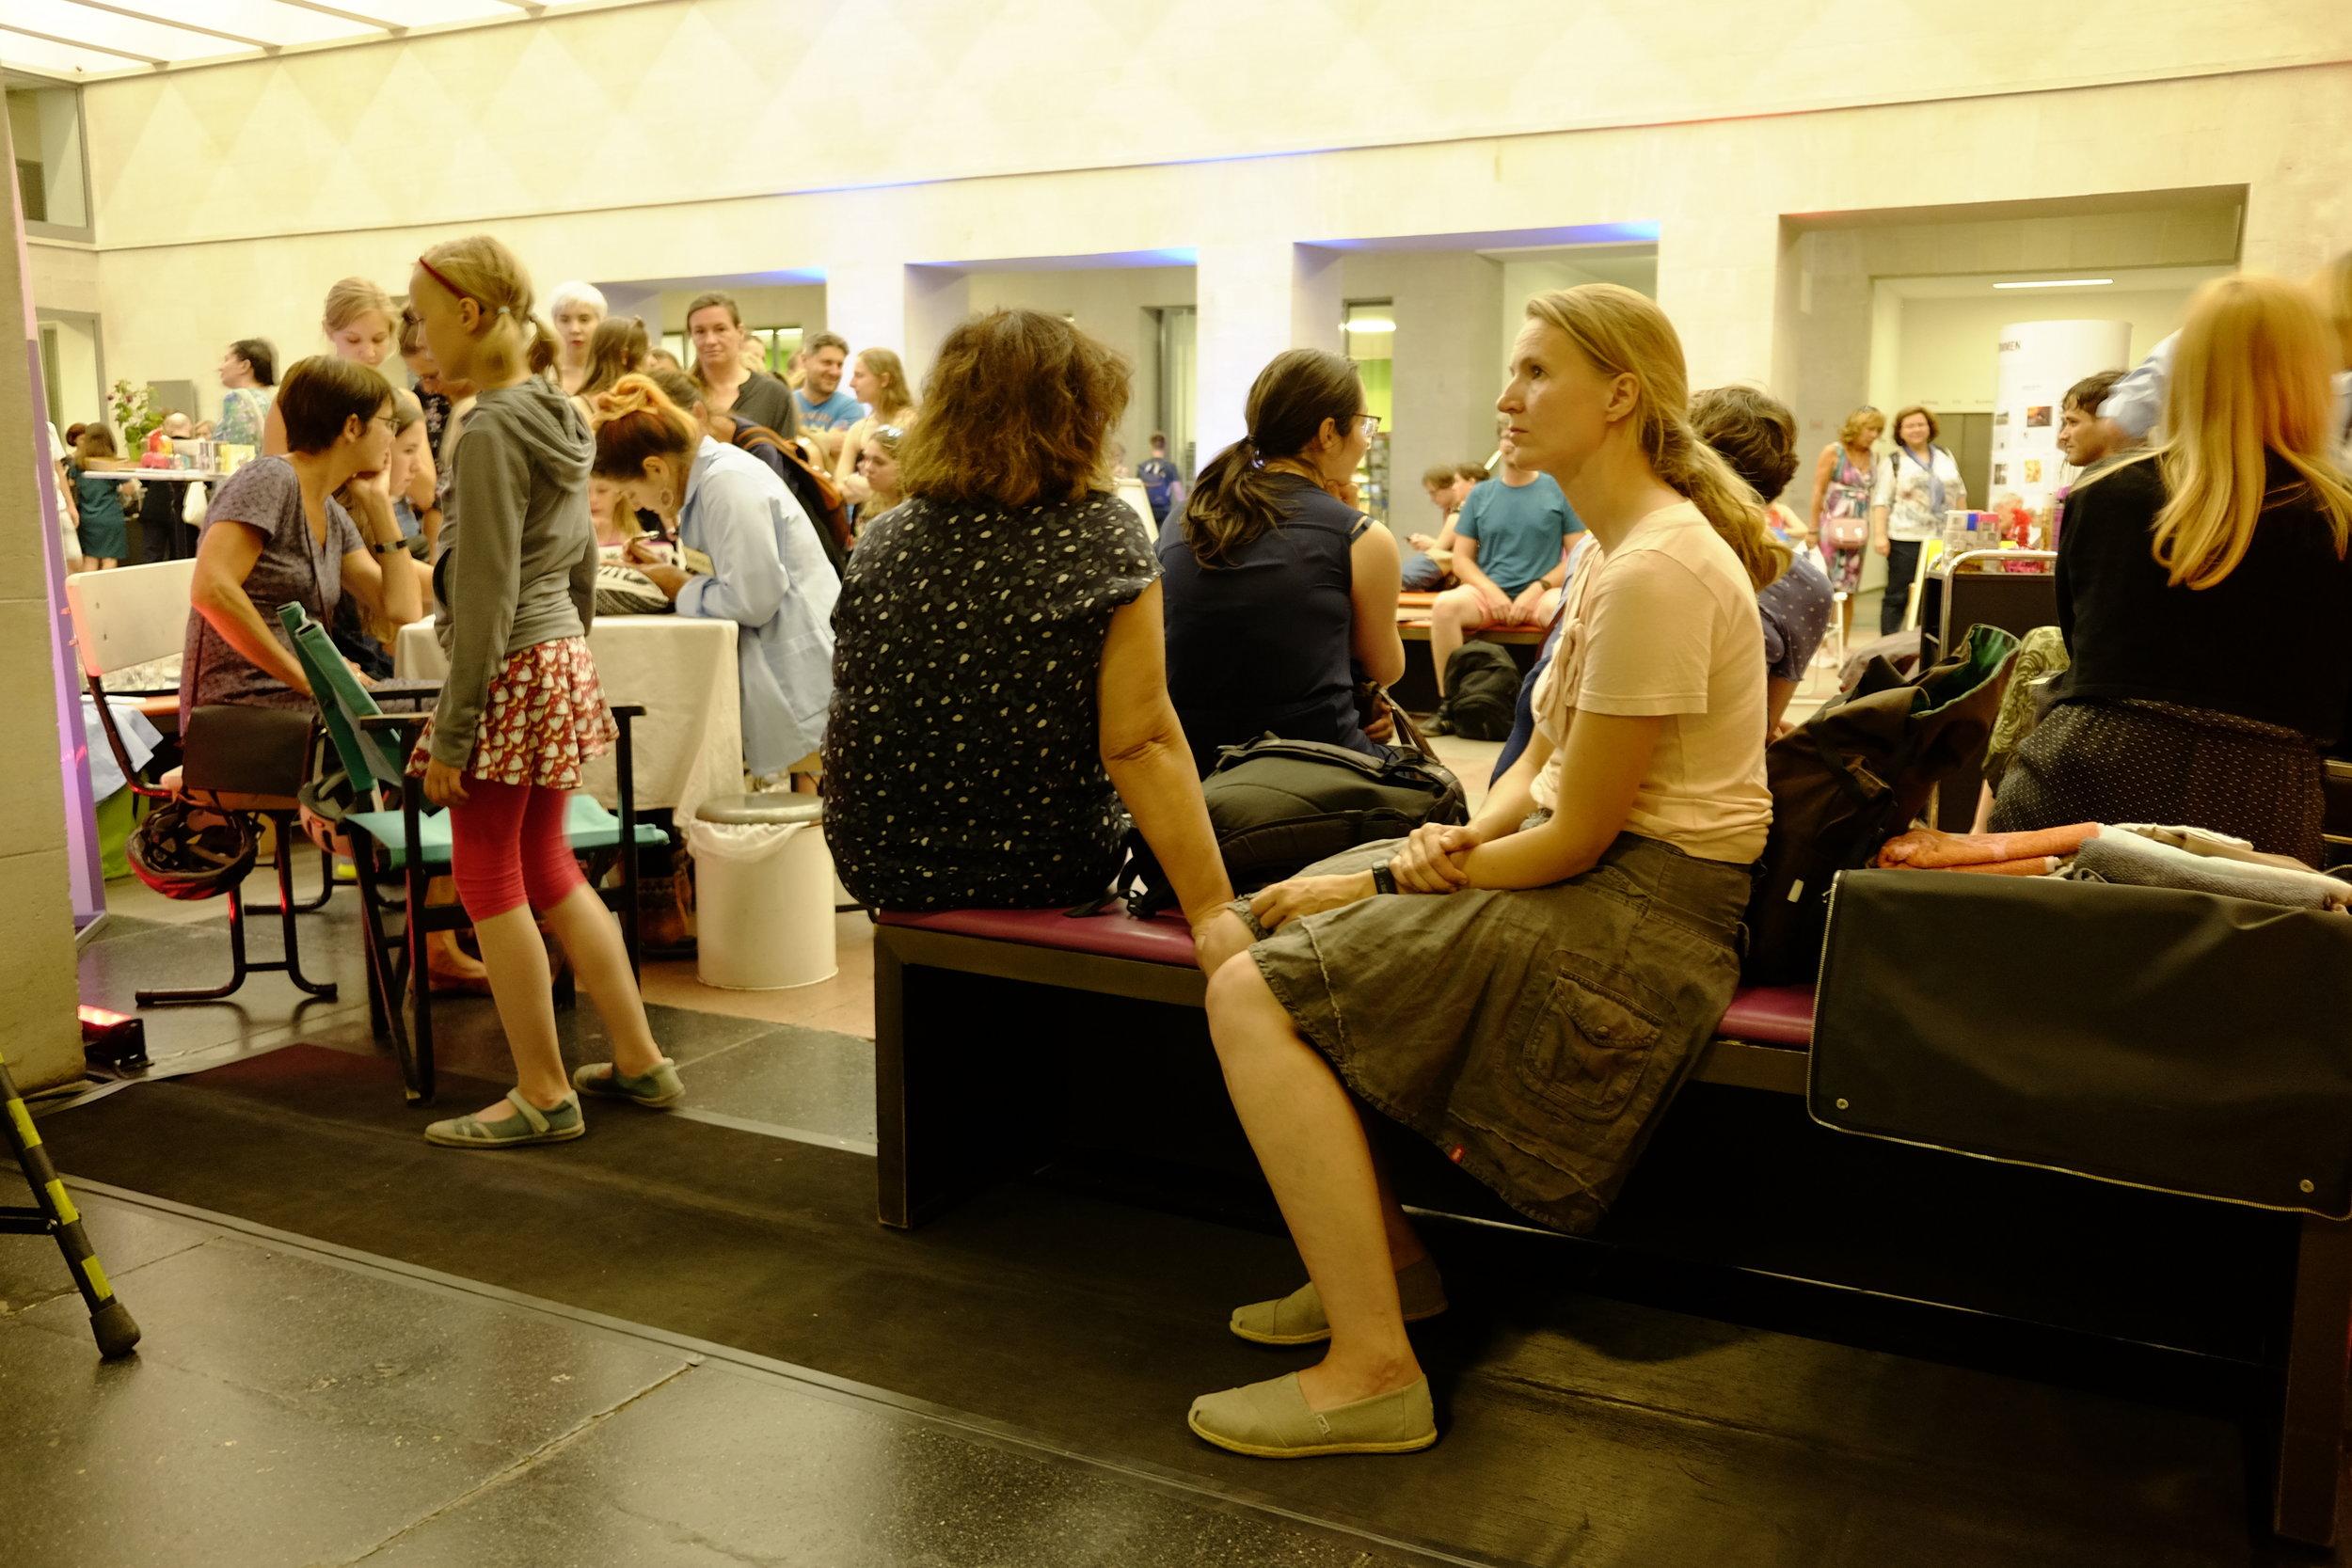 Grand-Beauty-on-Tour-Salon_2019-07_Deutsches-Hygiene-Museum-Dresden_©Frauke-Frech_DSCF9424.JPG